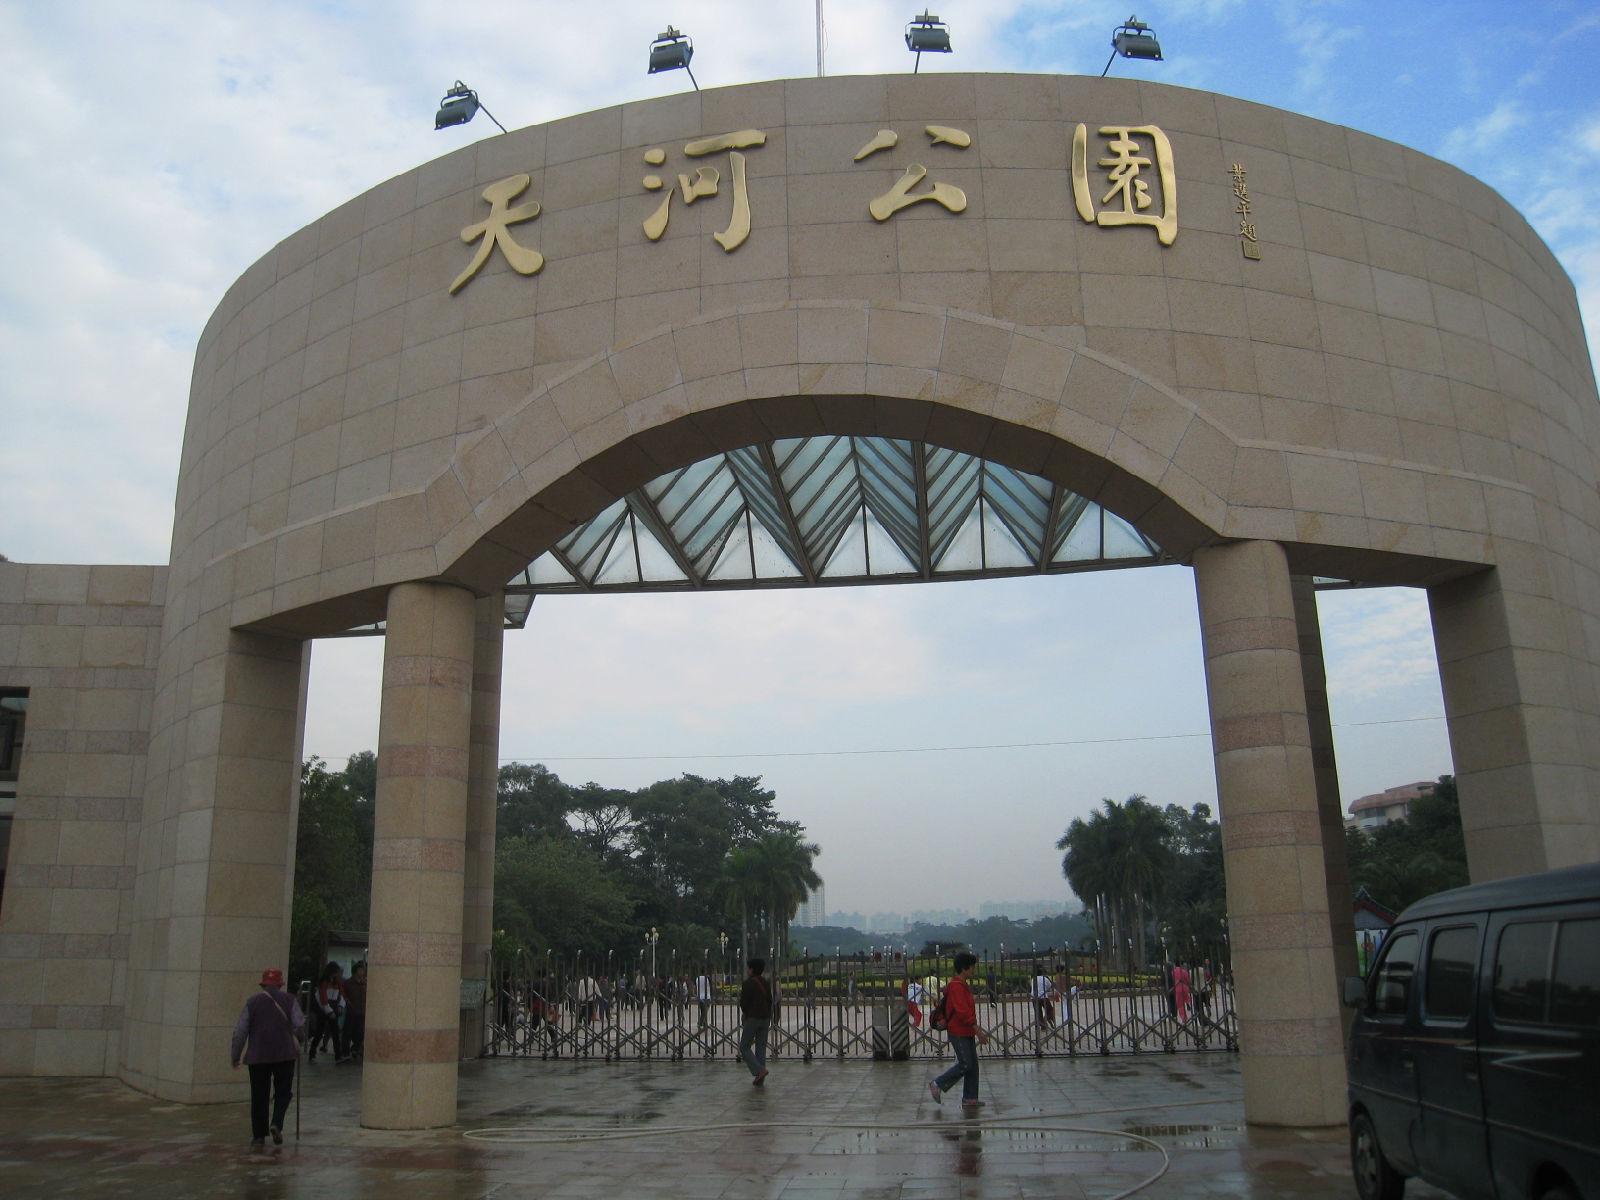 肃穆的邓世昌衣冠冢,成为青少年爱国主义教育基地,具有深远的教育意义